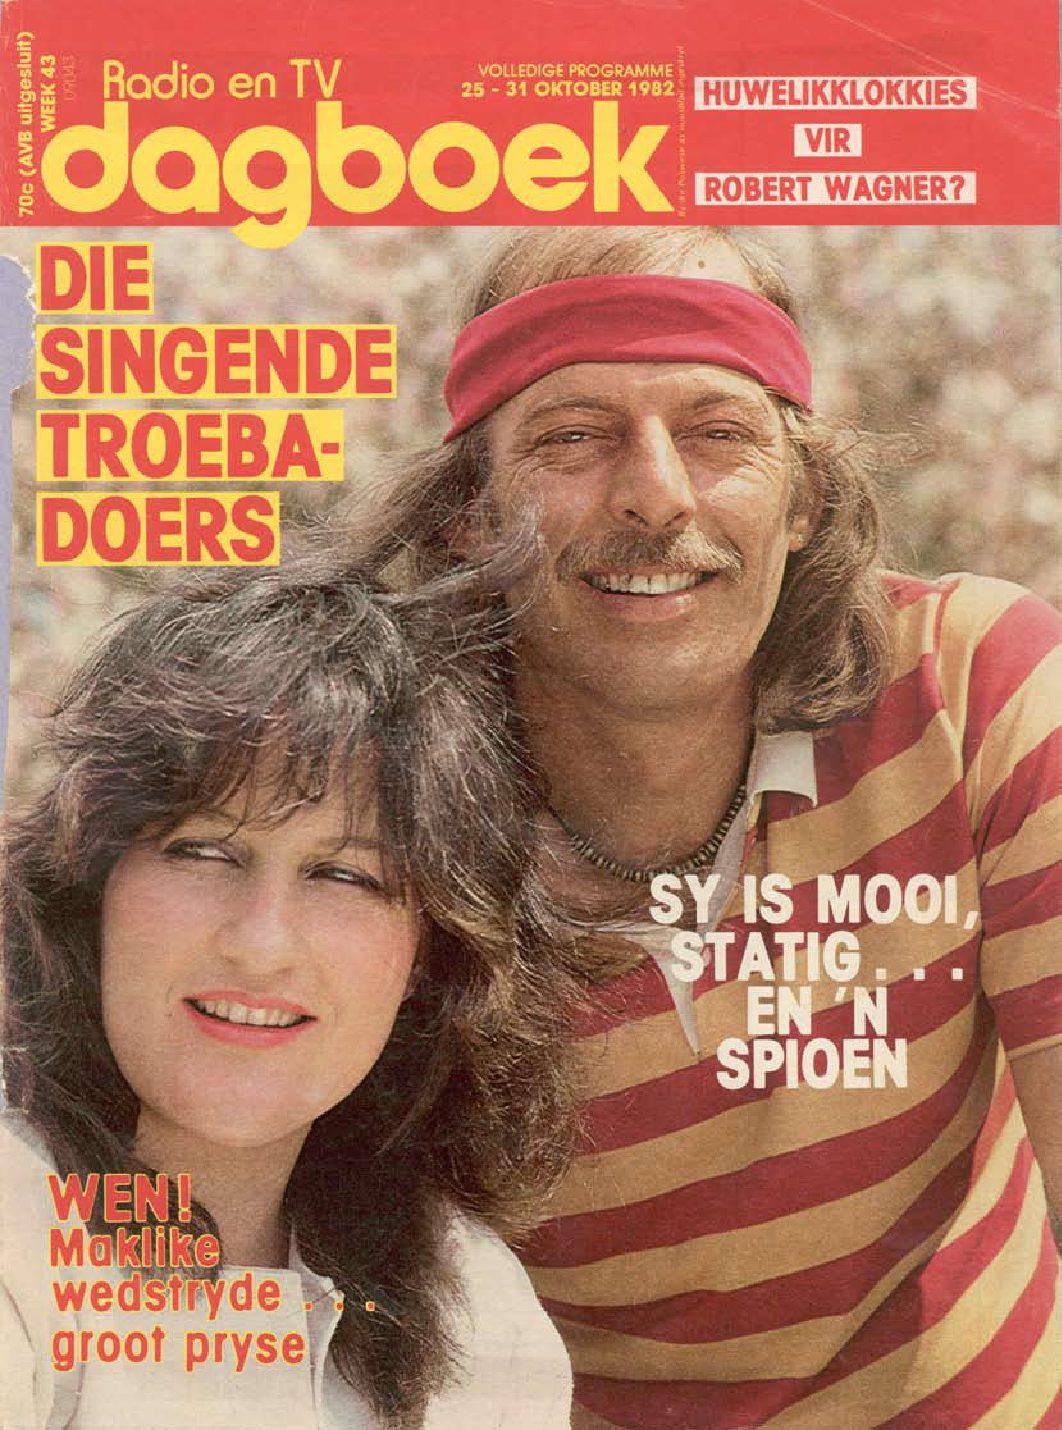 1982-radio-en-tv-dagboek-die-singende-troebadoers